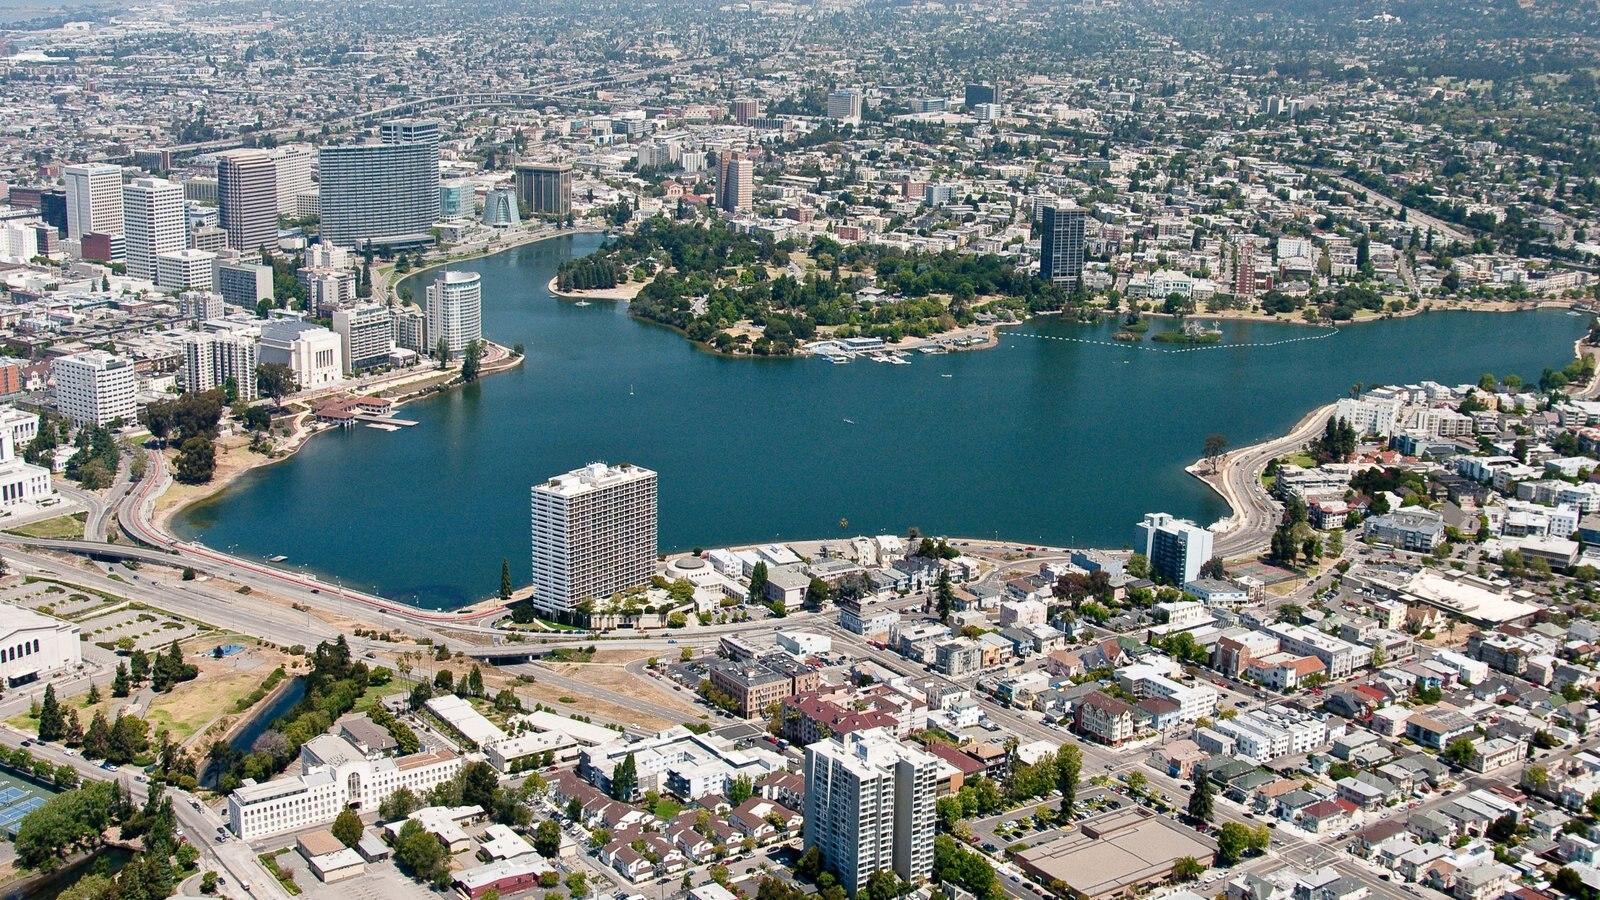 Oakland que inclui uma cidade, paisagens litorâneas e uma baía ou porto